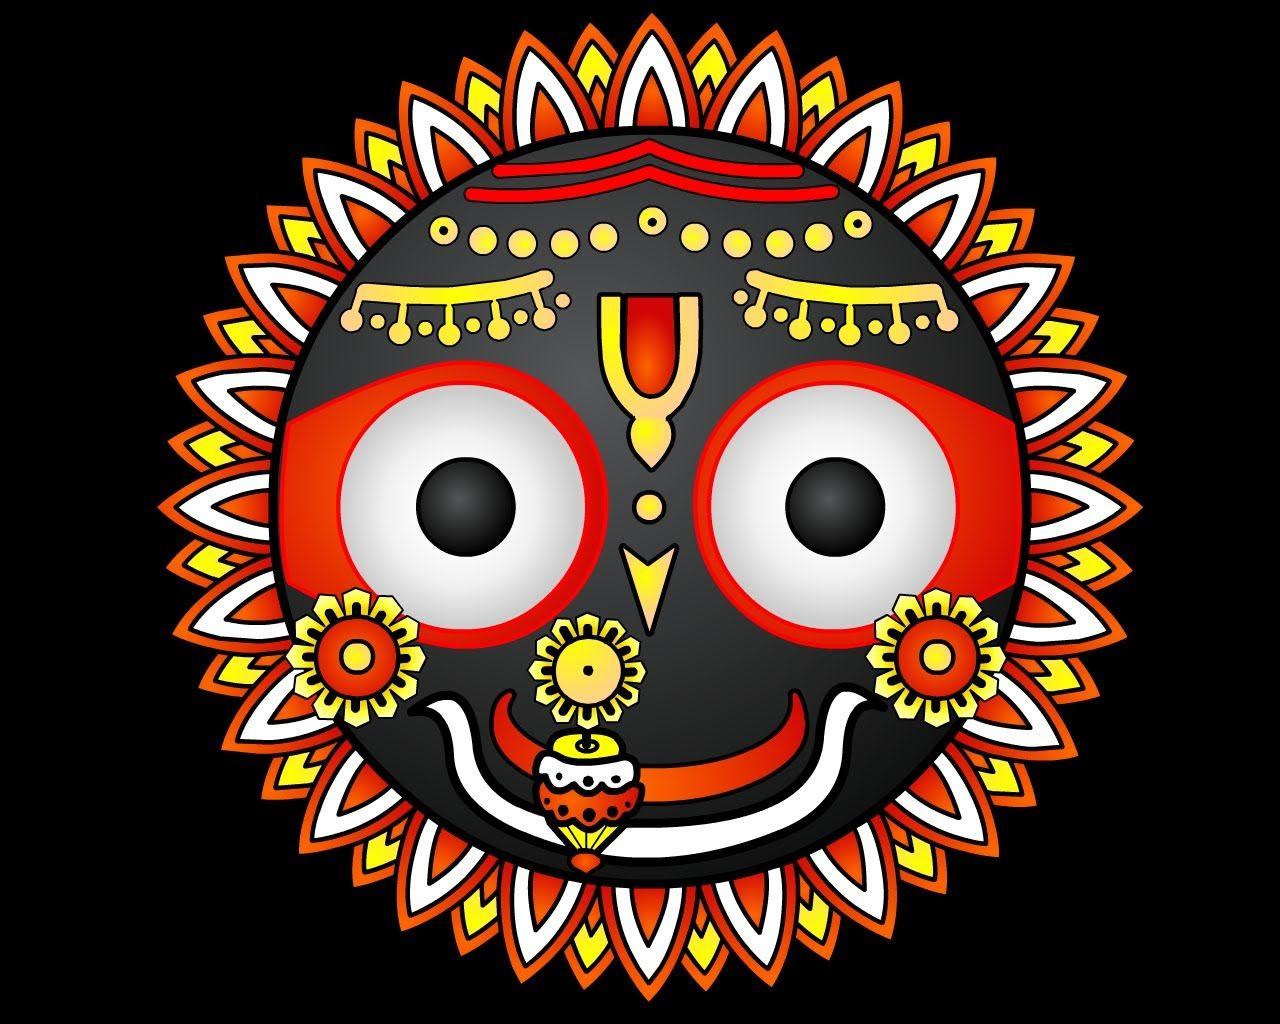 Good Wallpaper Lord Jagannath Puri - af6c9e3ef8fb4bd898da1b5b698a6d52  2018_136882.jpg